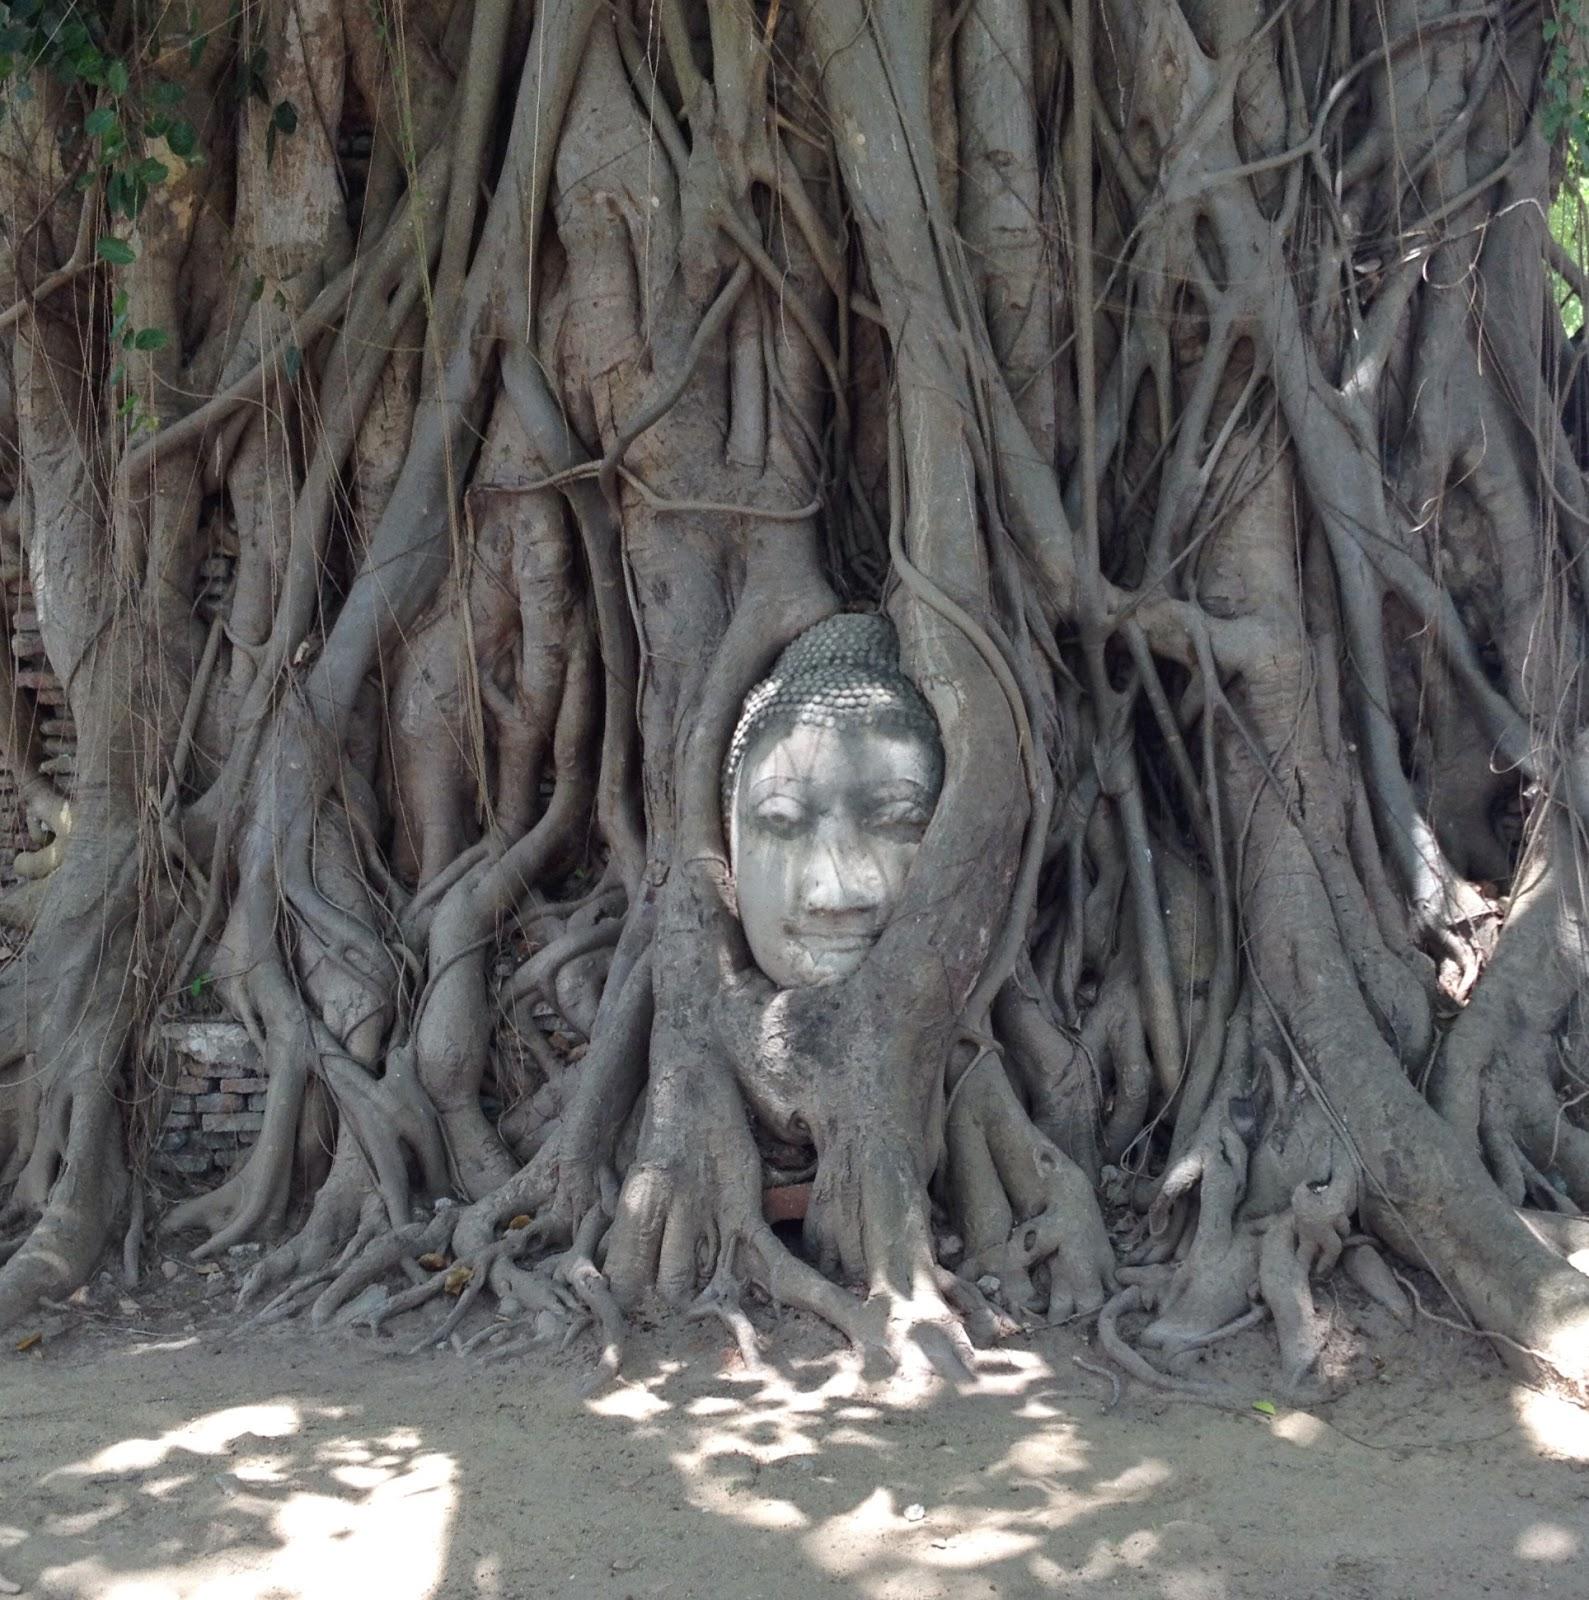 Ayutthaya - Wat Phra Mahathat - close up of the Buddha head